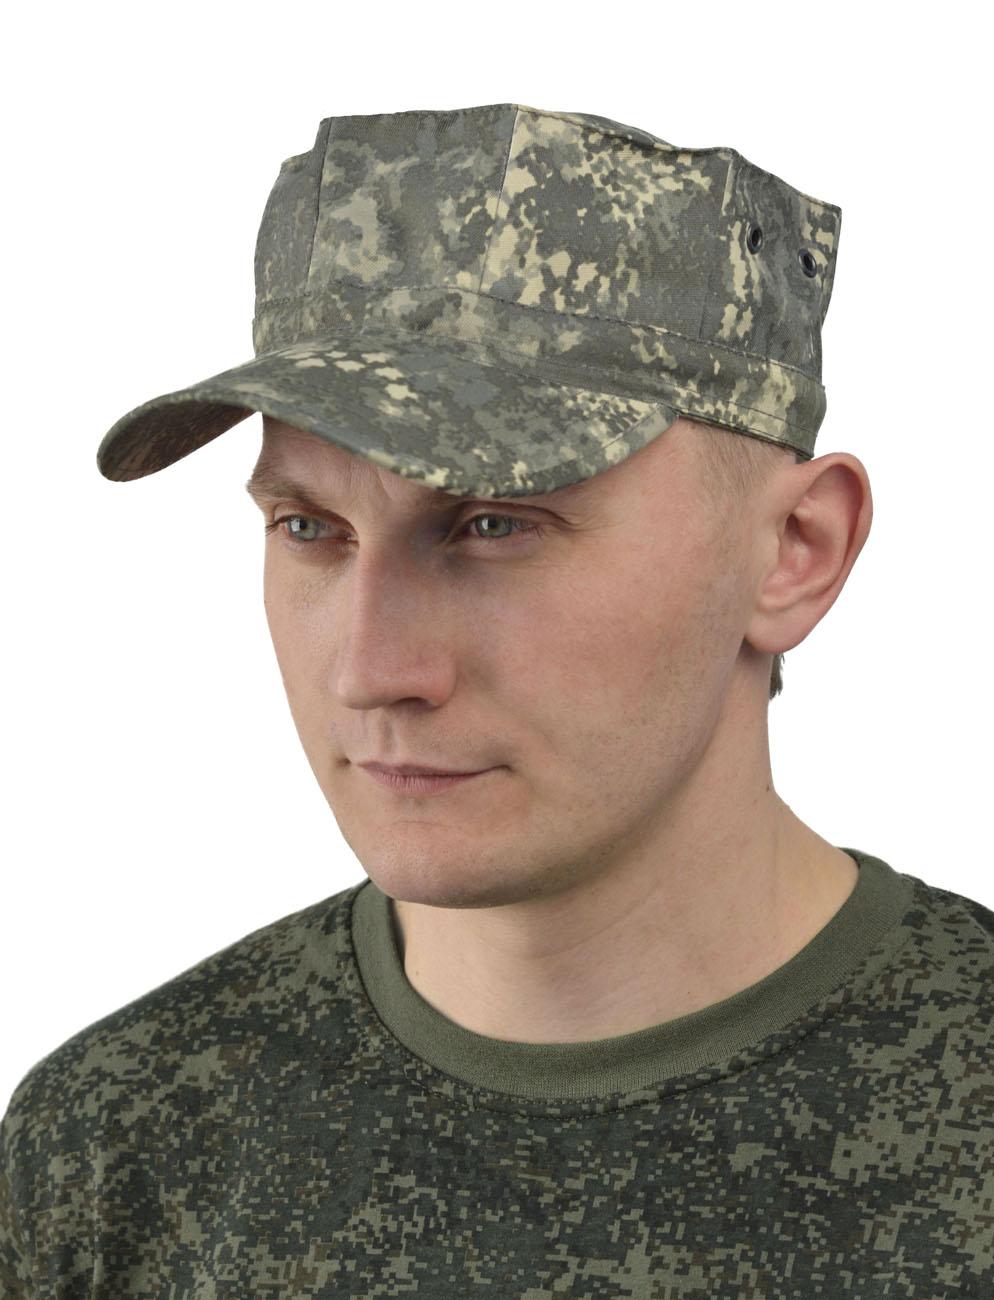 Кепка Gerkon Commando варан (58)Кепки<br><br><br>Пол: мужской<br>Размер: 58<br>Сезон: лето<br>Материал: Смесовая (50% хлопок, 50% полиэфир), пл. 210 г/м2,